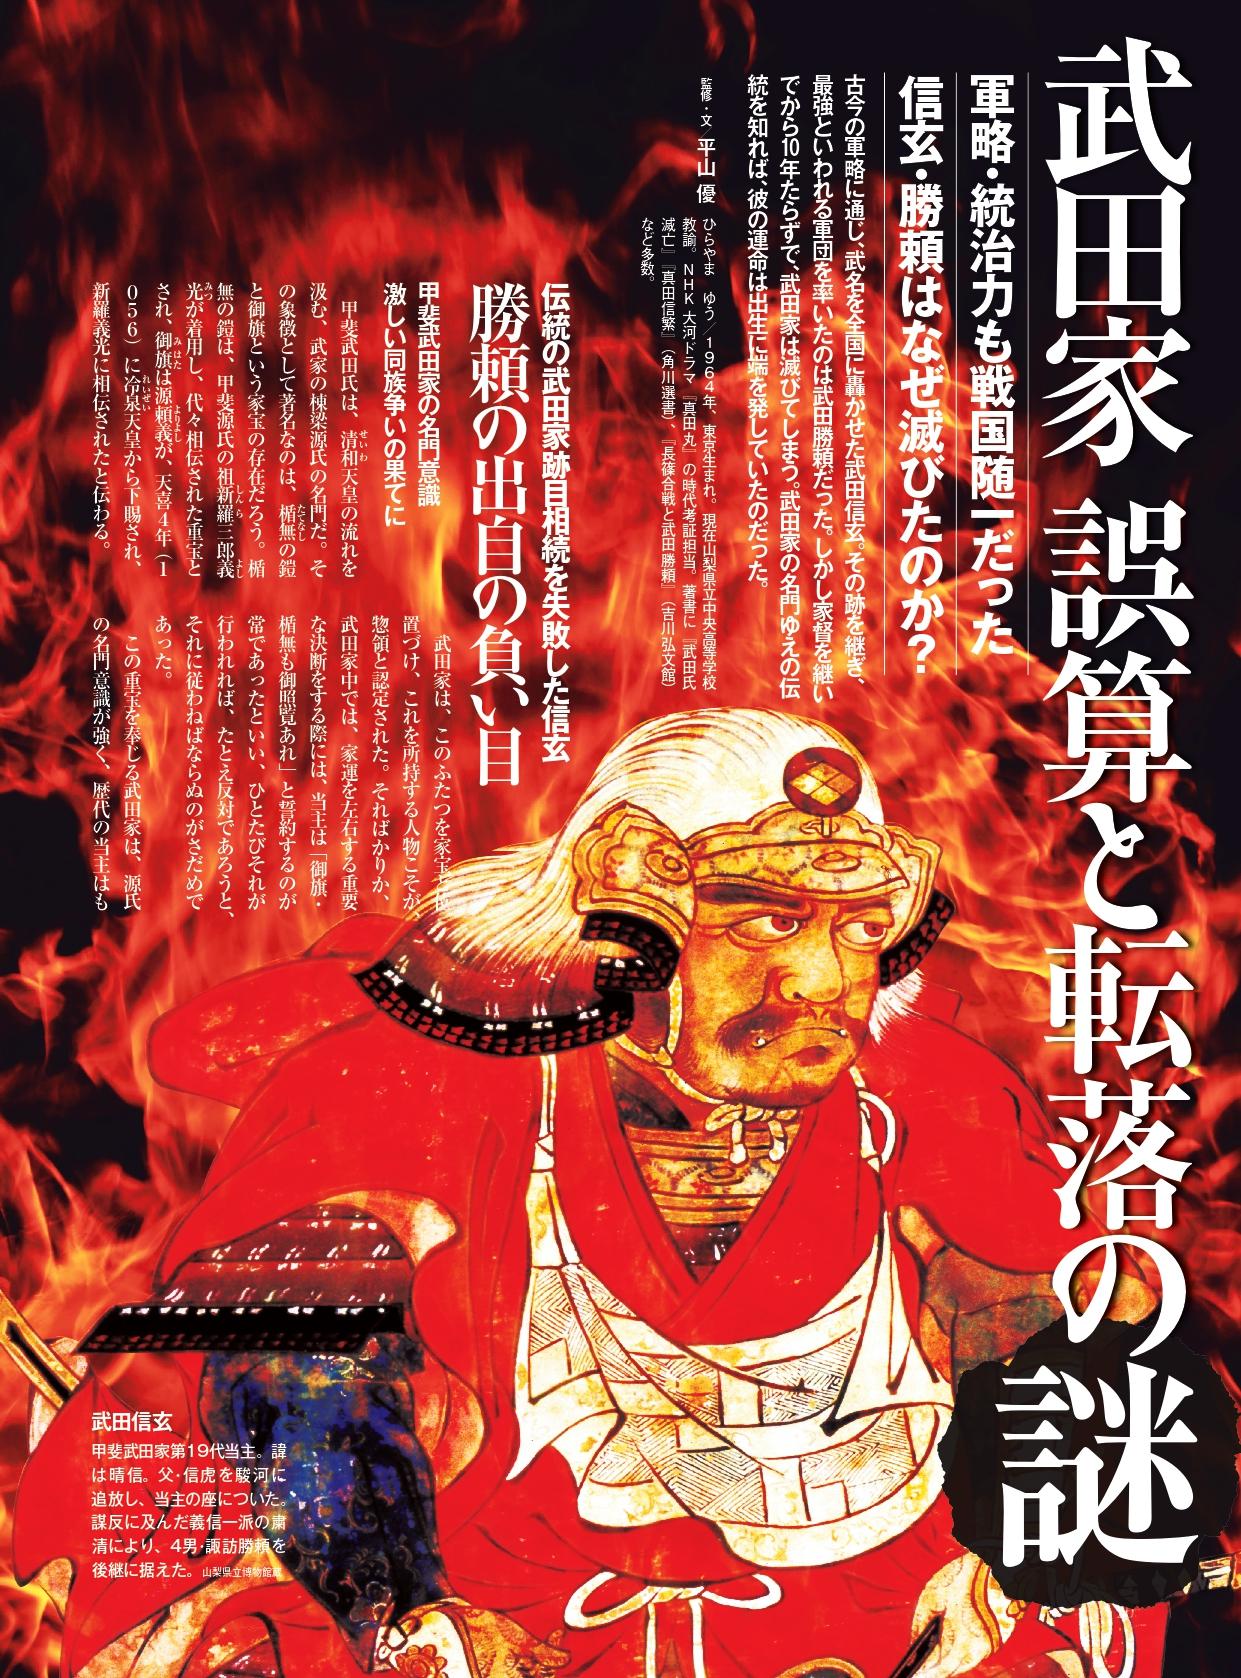 [保存版特集]「敗者」の日本史 勝者の側から書かれた歴史を覆す!の目次画像2